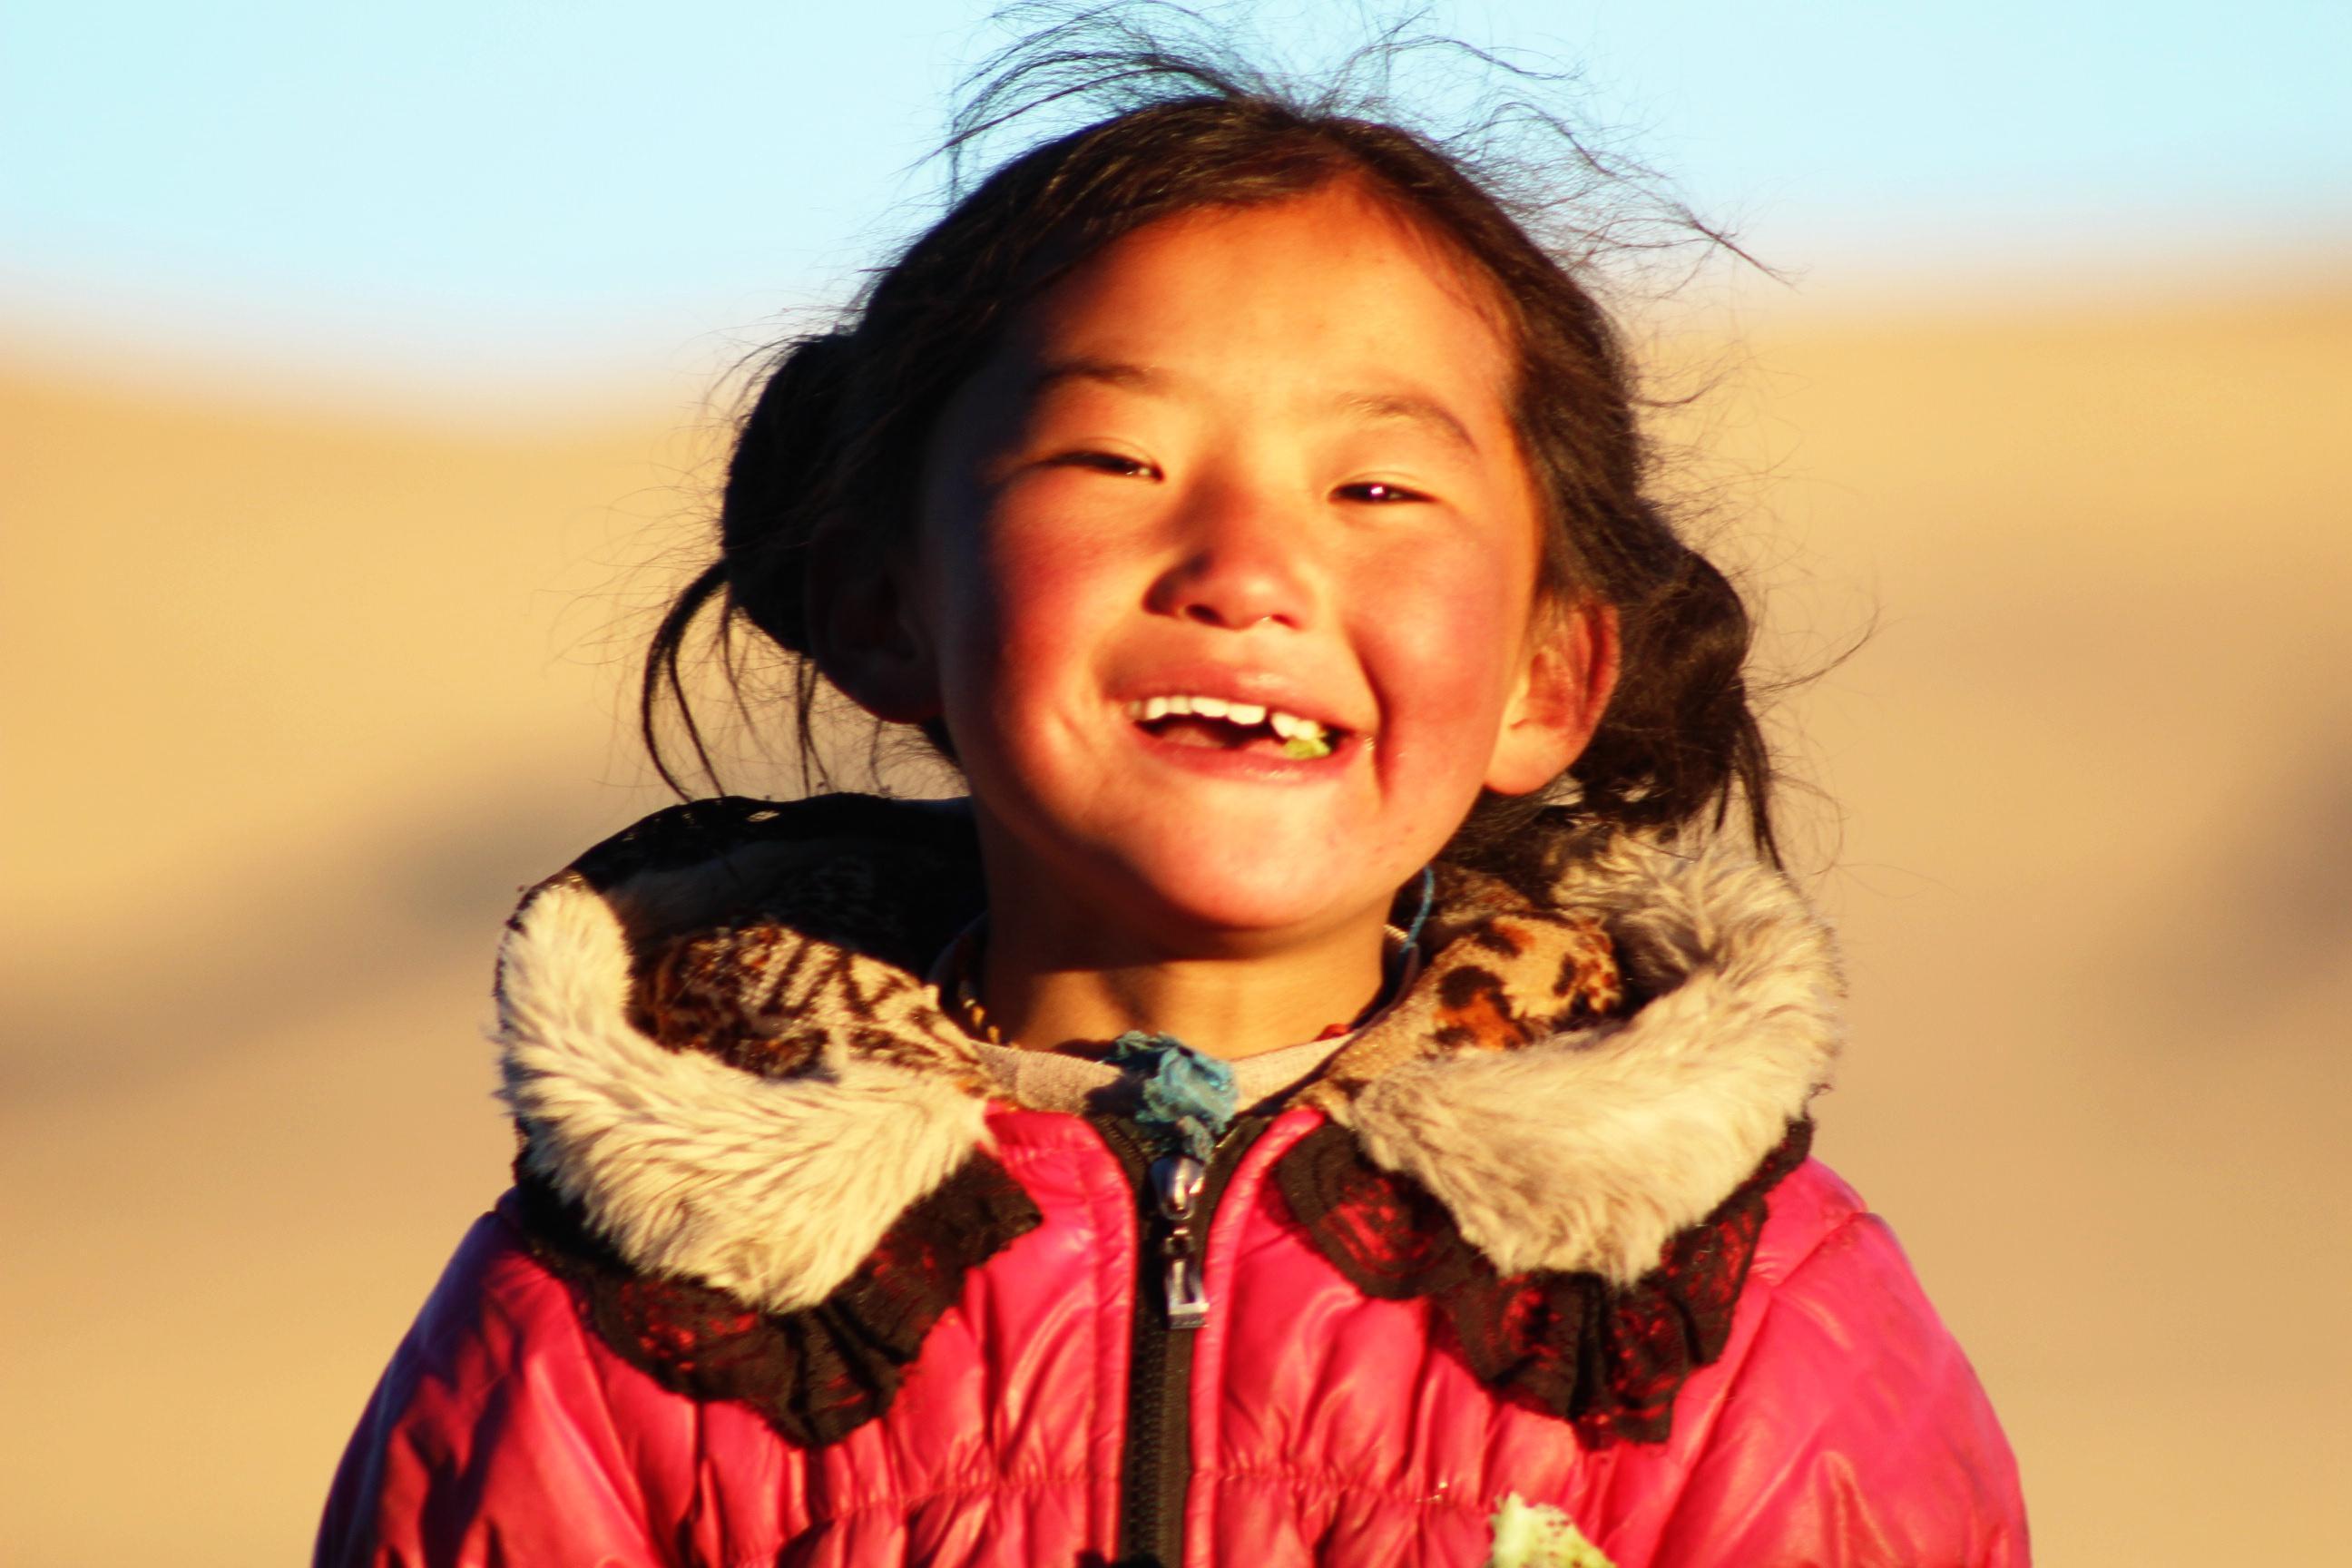 孩子的笑容-我们自以为是的物资帮助真的帮助了这些孩子吗